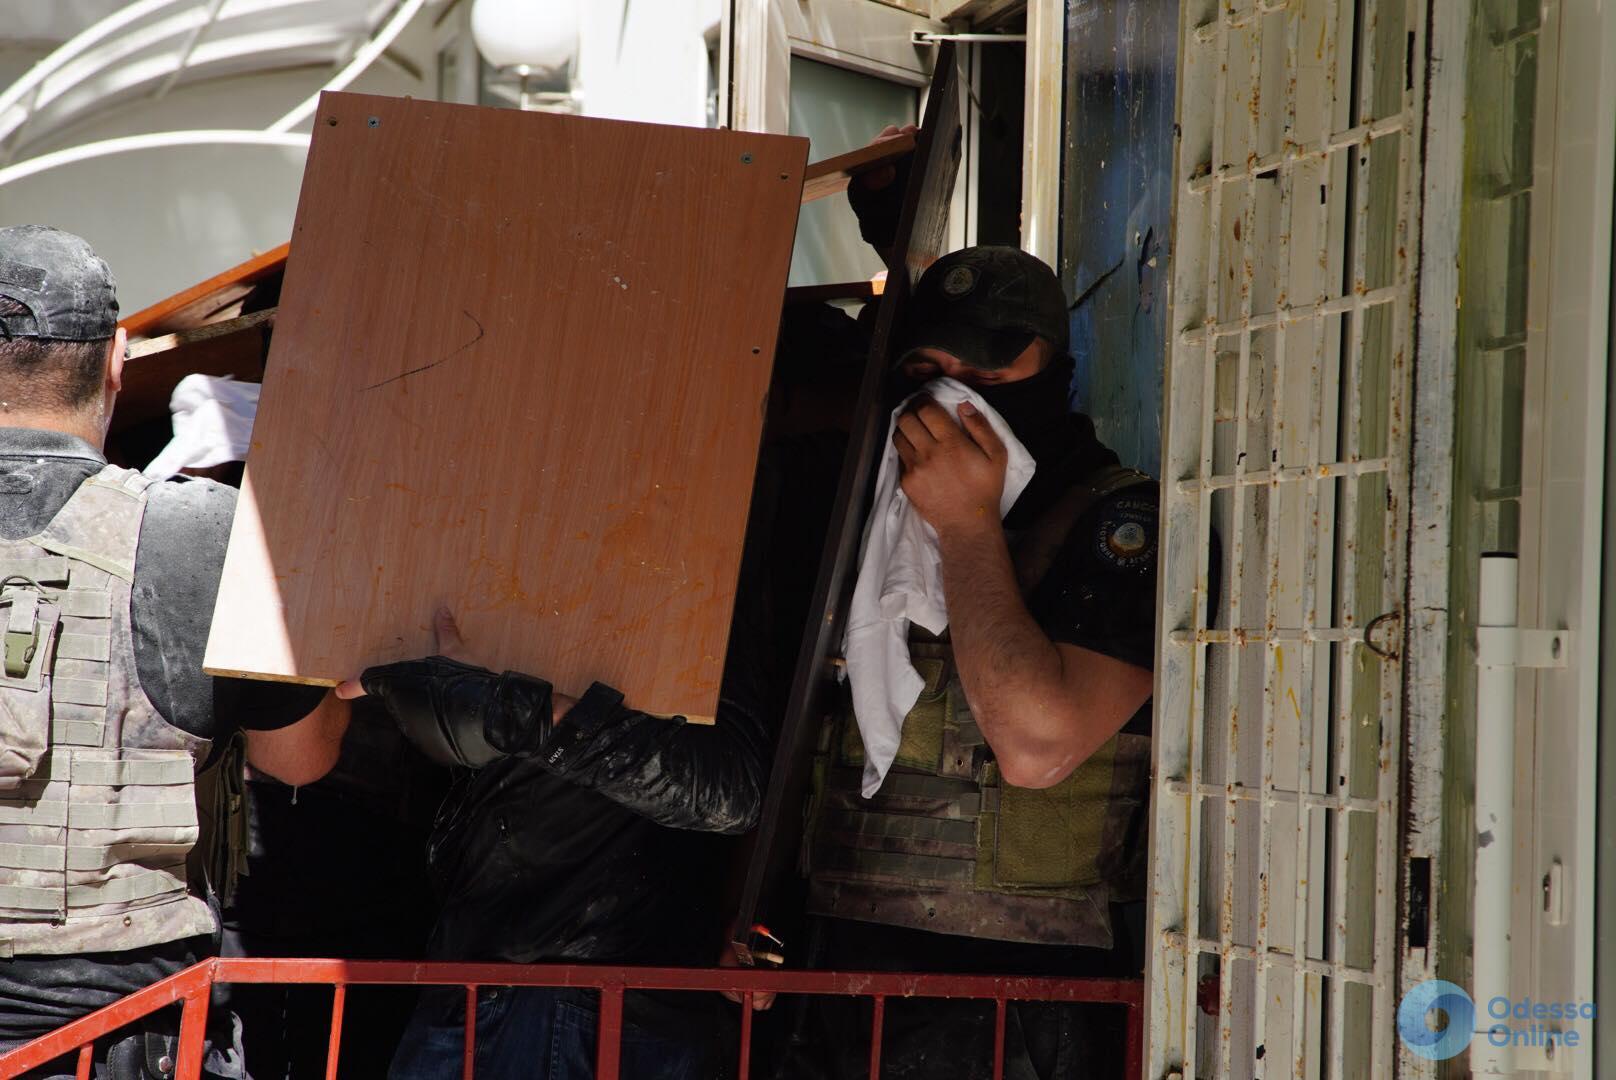 Слезоточивый газ и разбитая машина: в Одессе активисты штурмуют офис (обновляется)